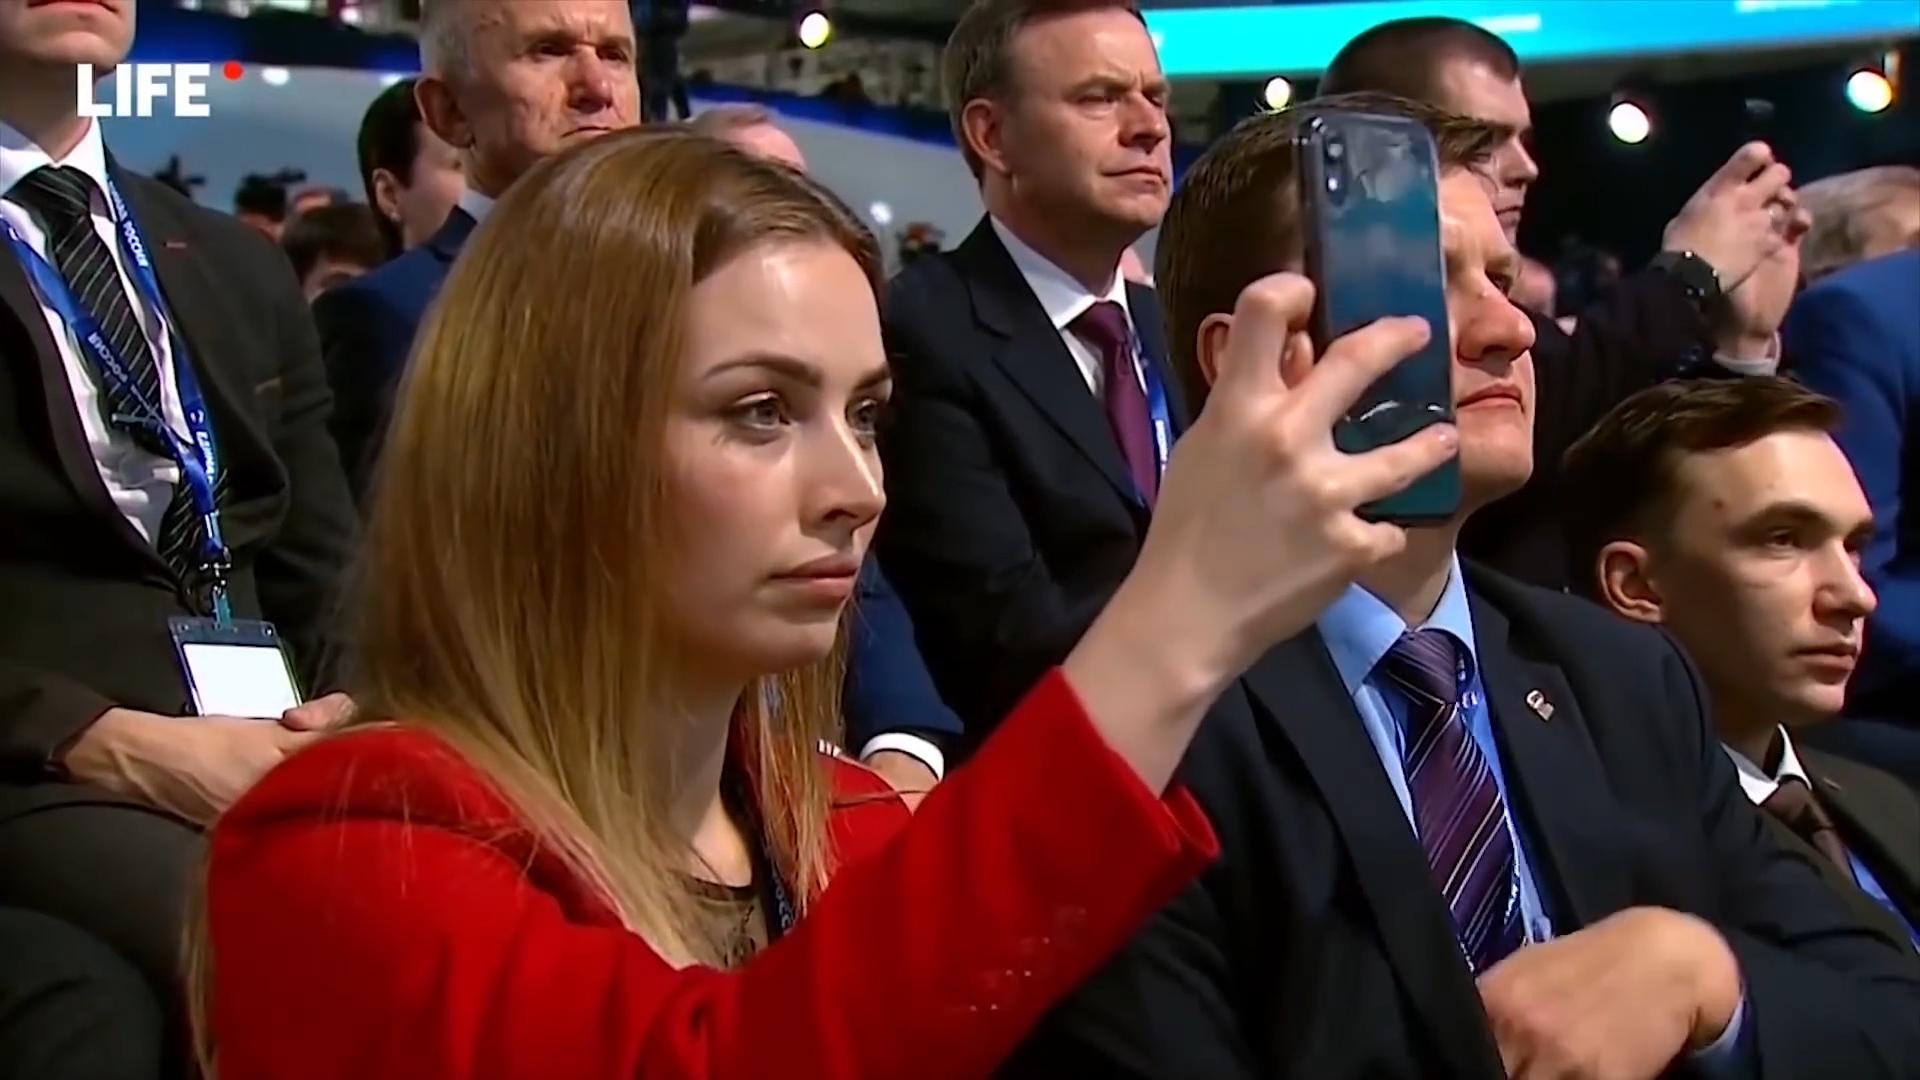 12-Популисты, патриоты и предатели. Все о съезде «Единой России»